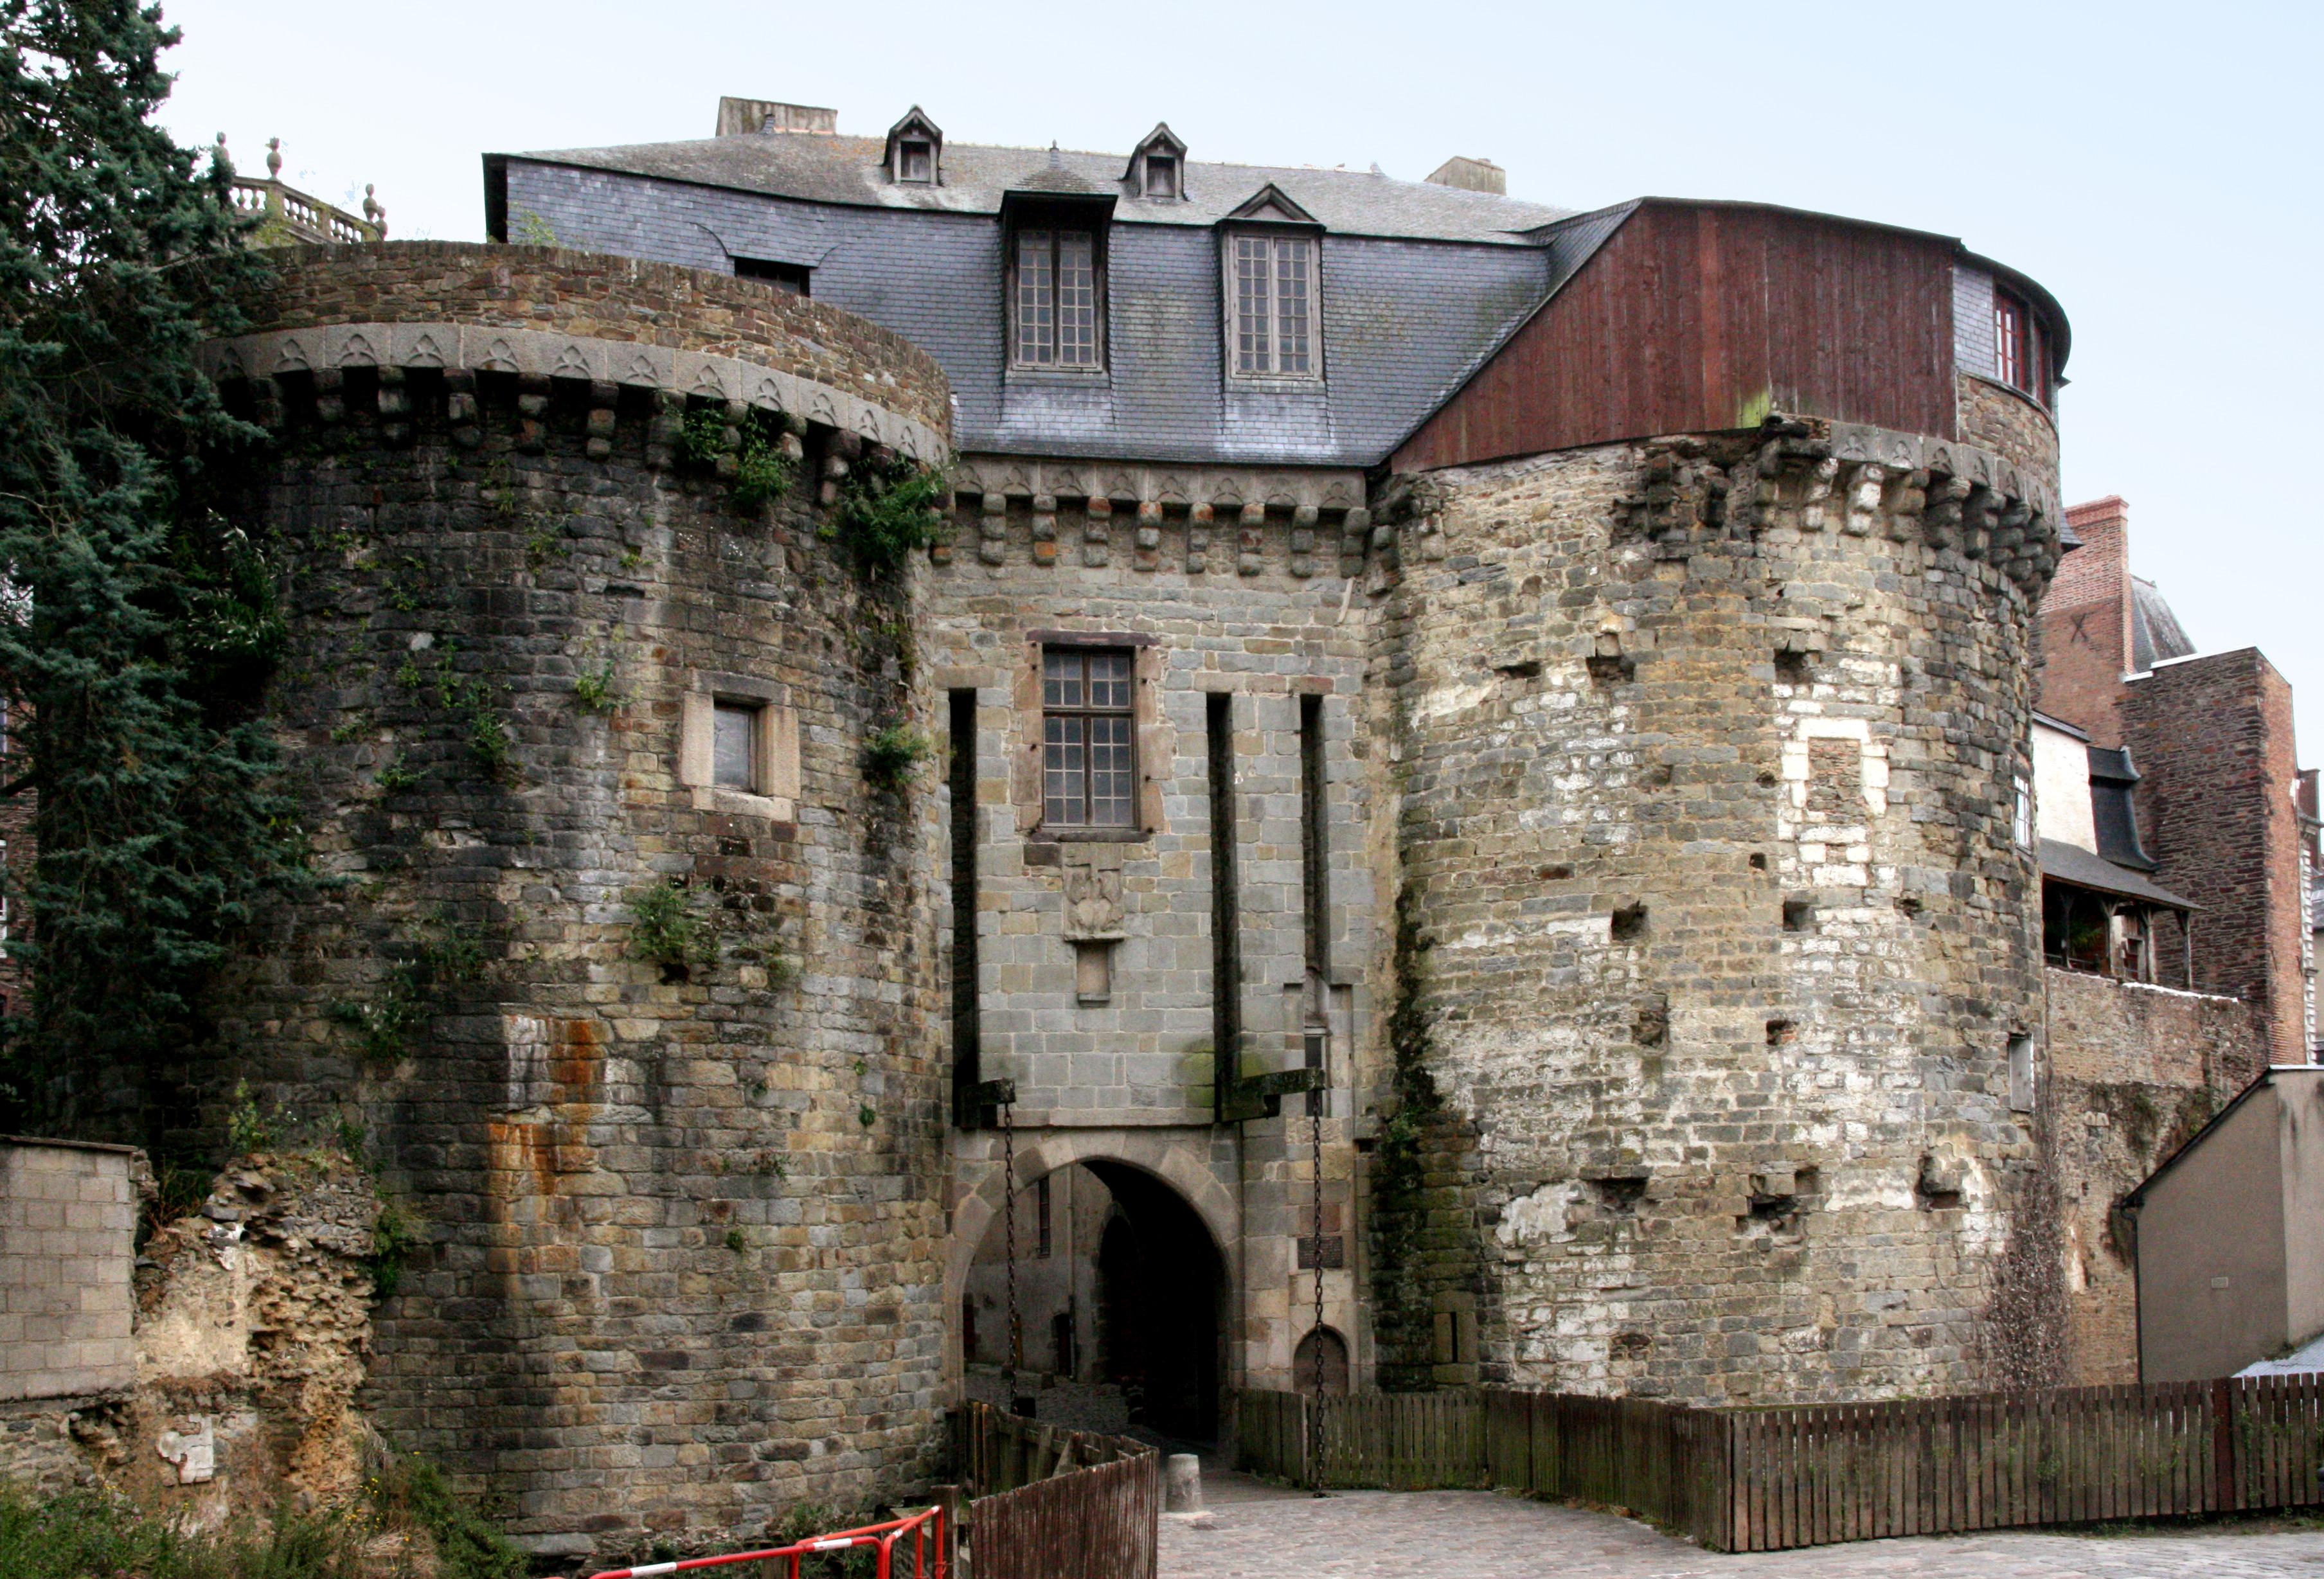 RENNES - Les impromptus - Page 4 Rennes_-_Portes_Mordelaises_vues_de_l'ext%C3%A9rieur_des_remparts_-_20080706